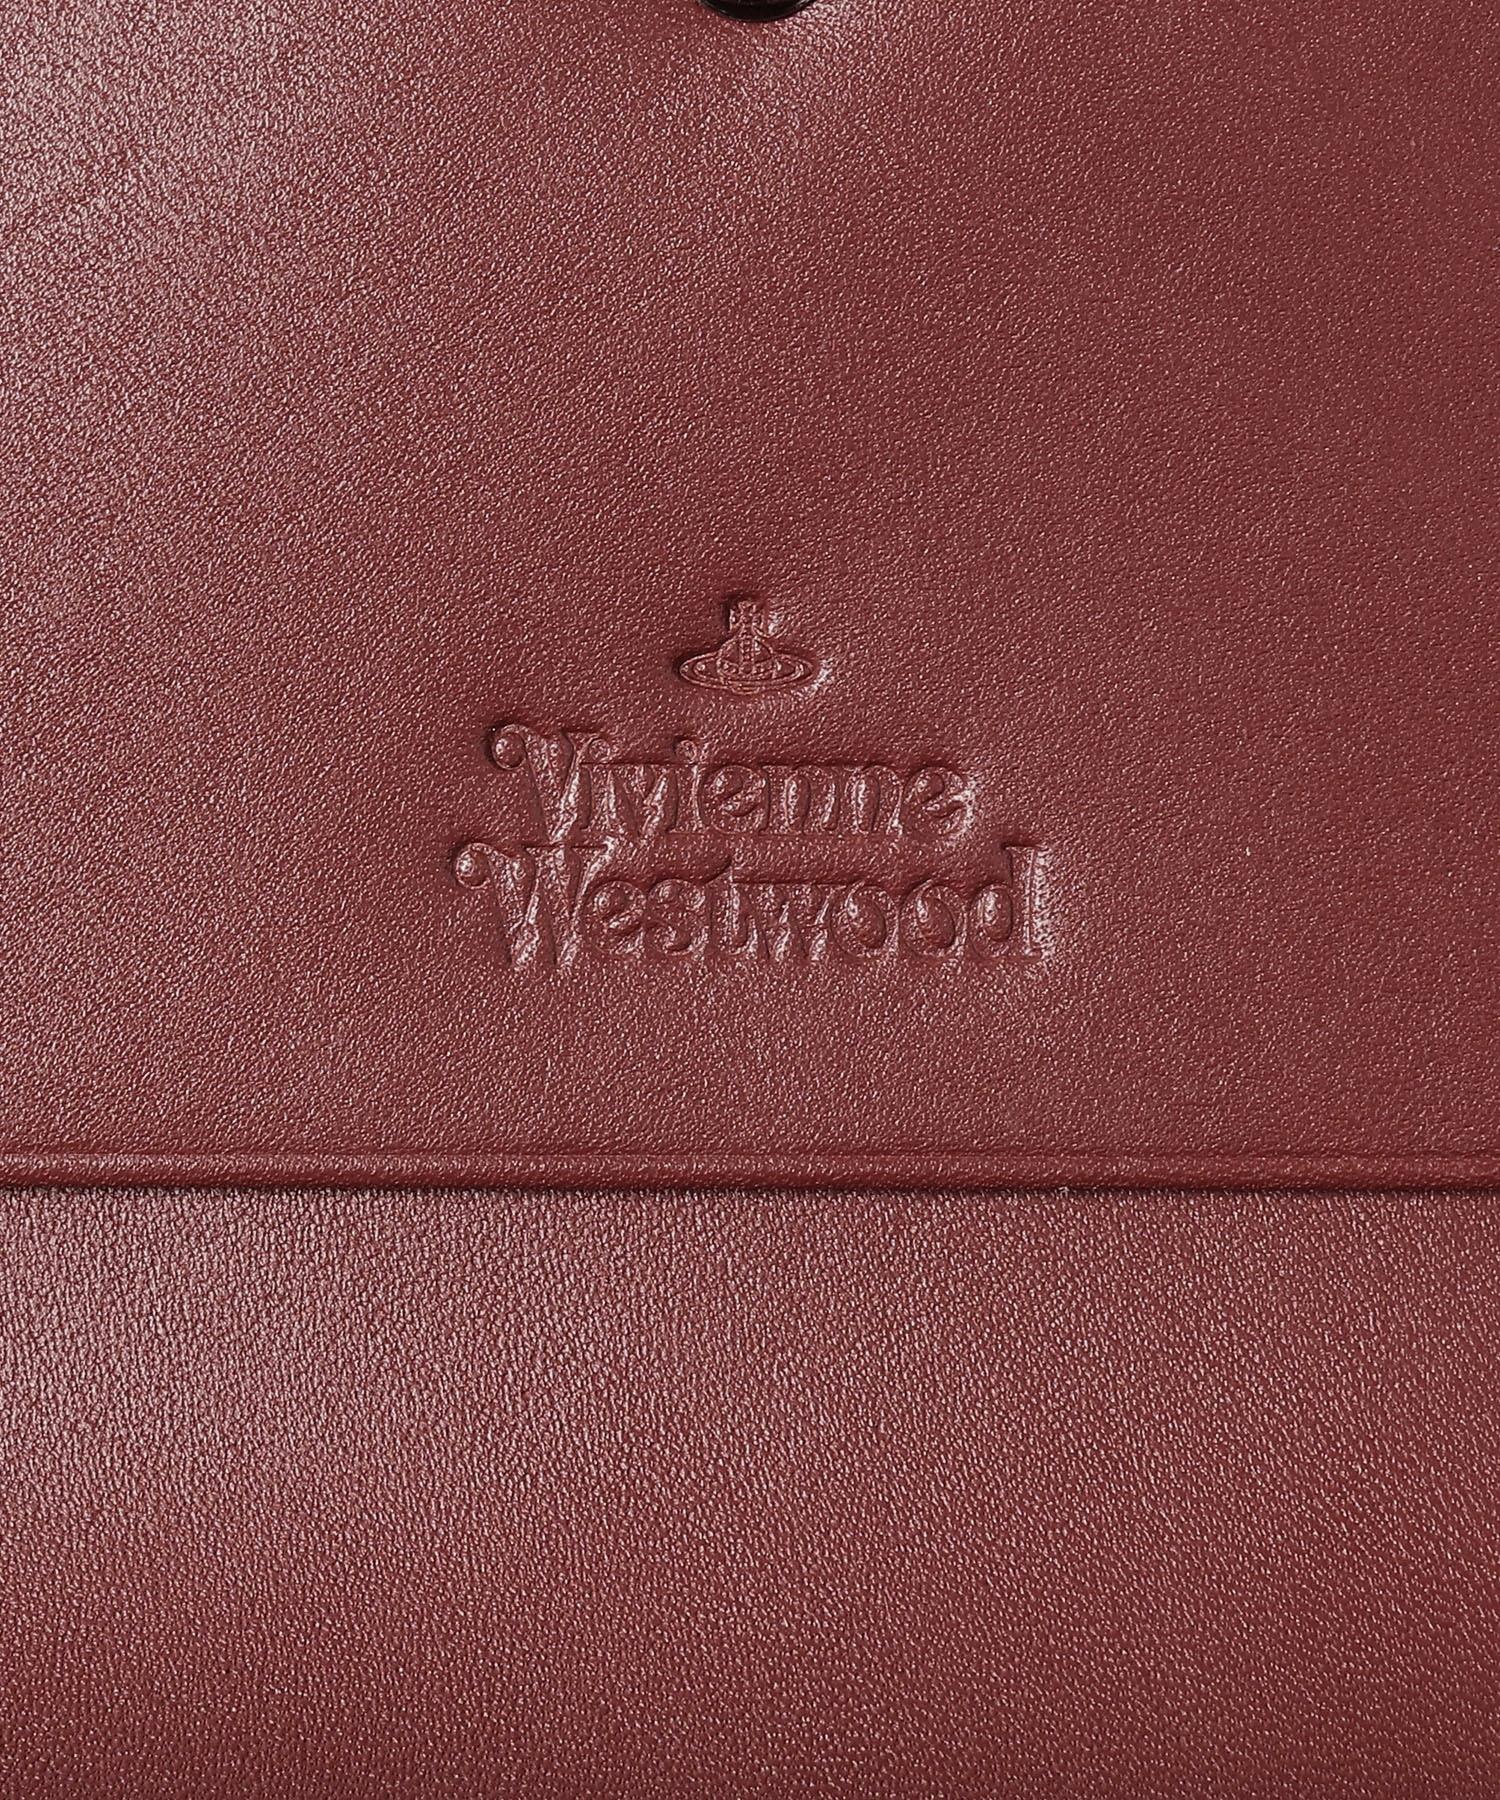 ベルテッドタータン 長財布